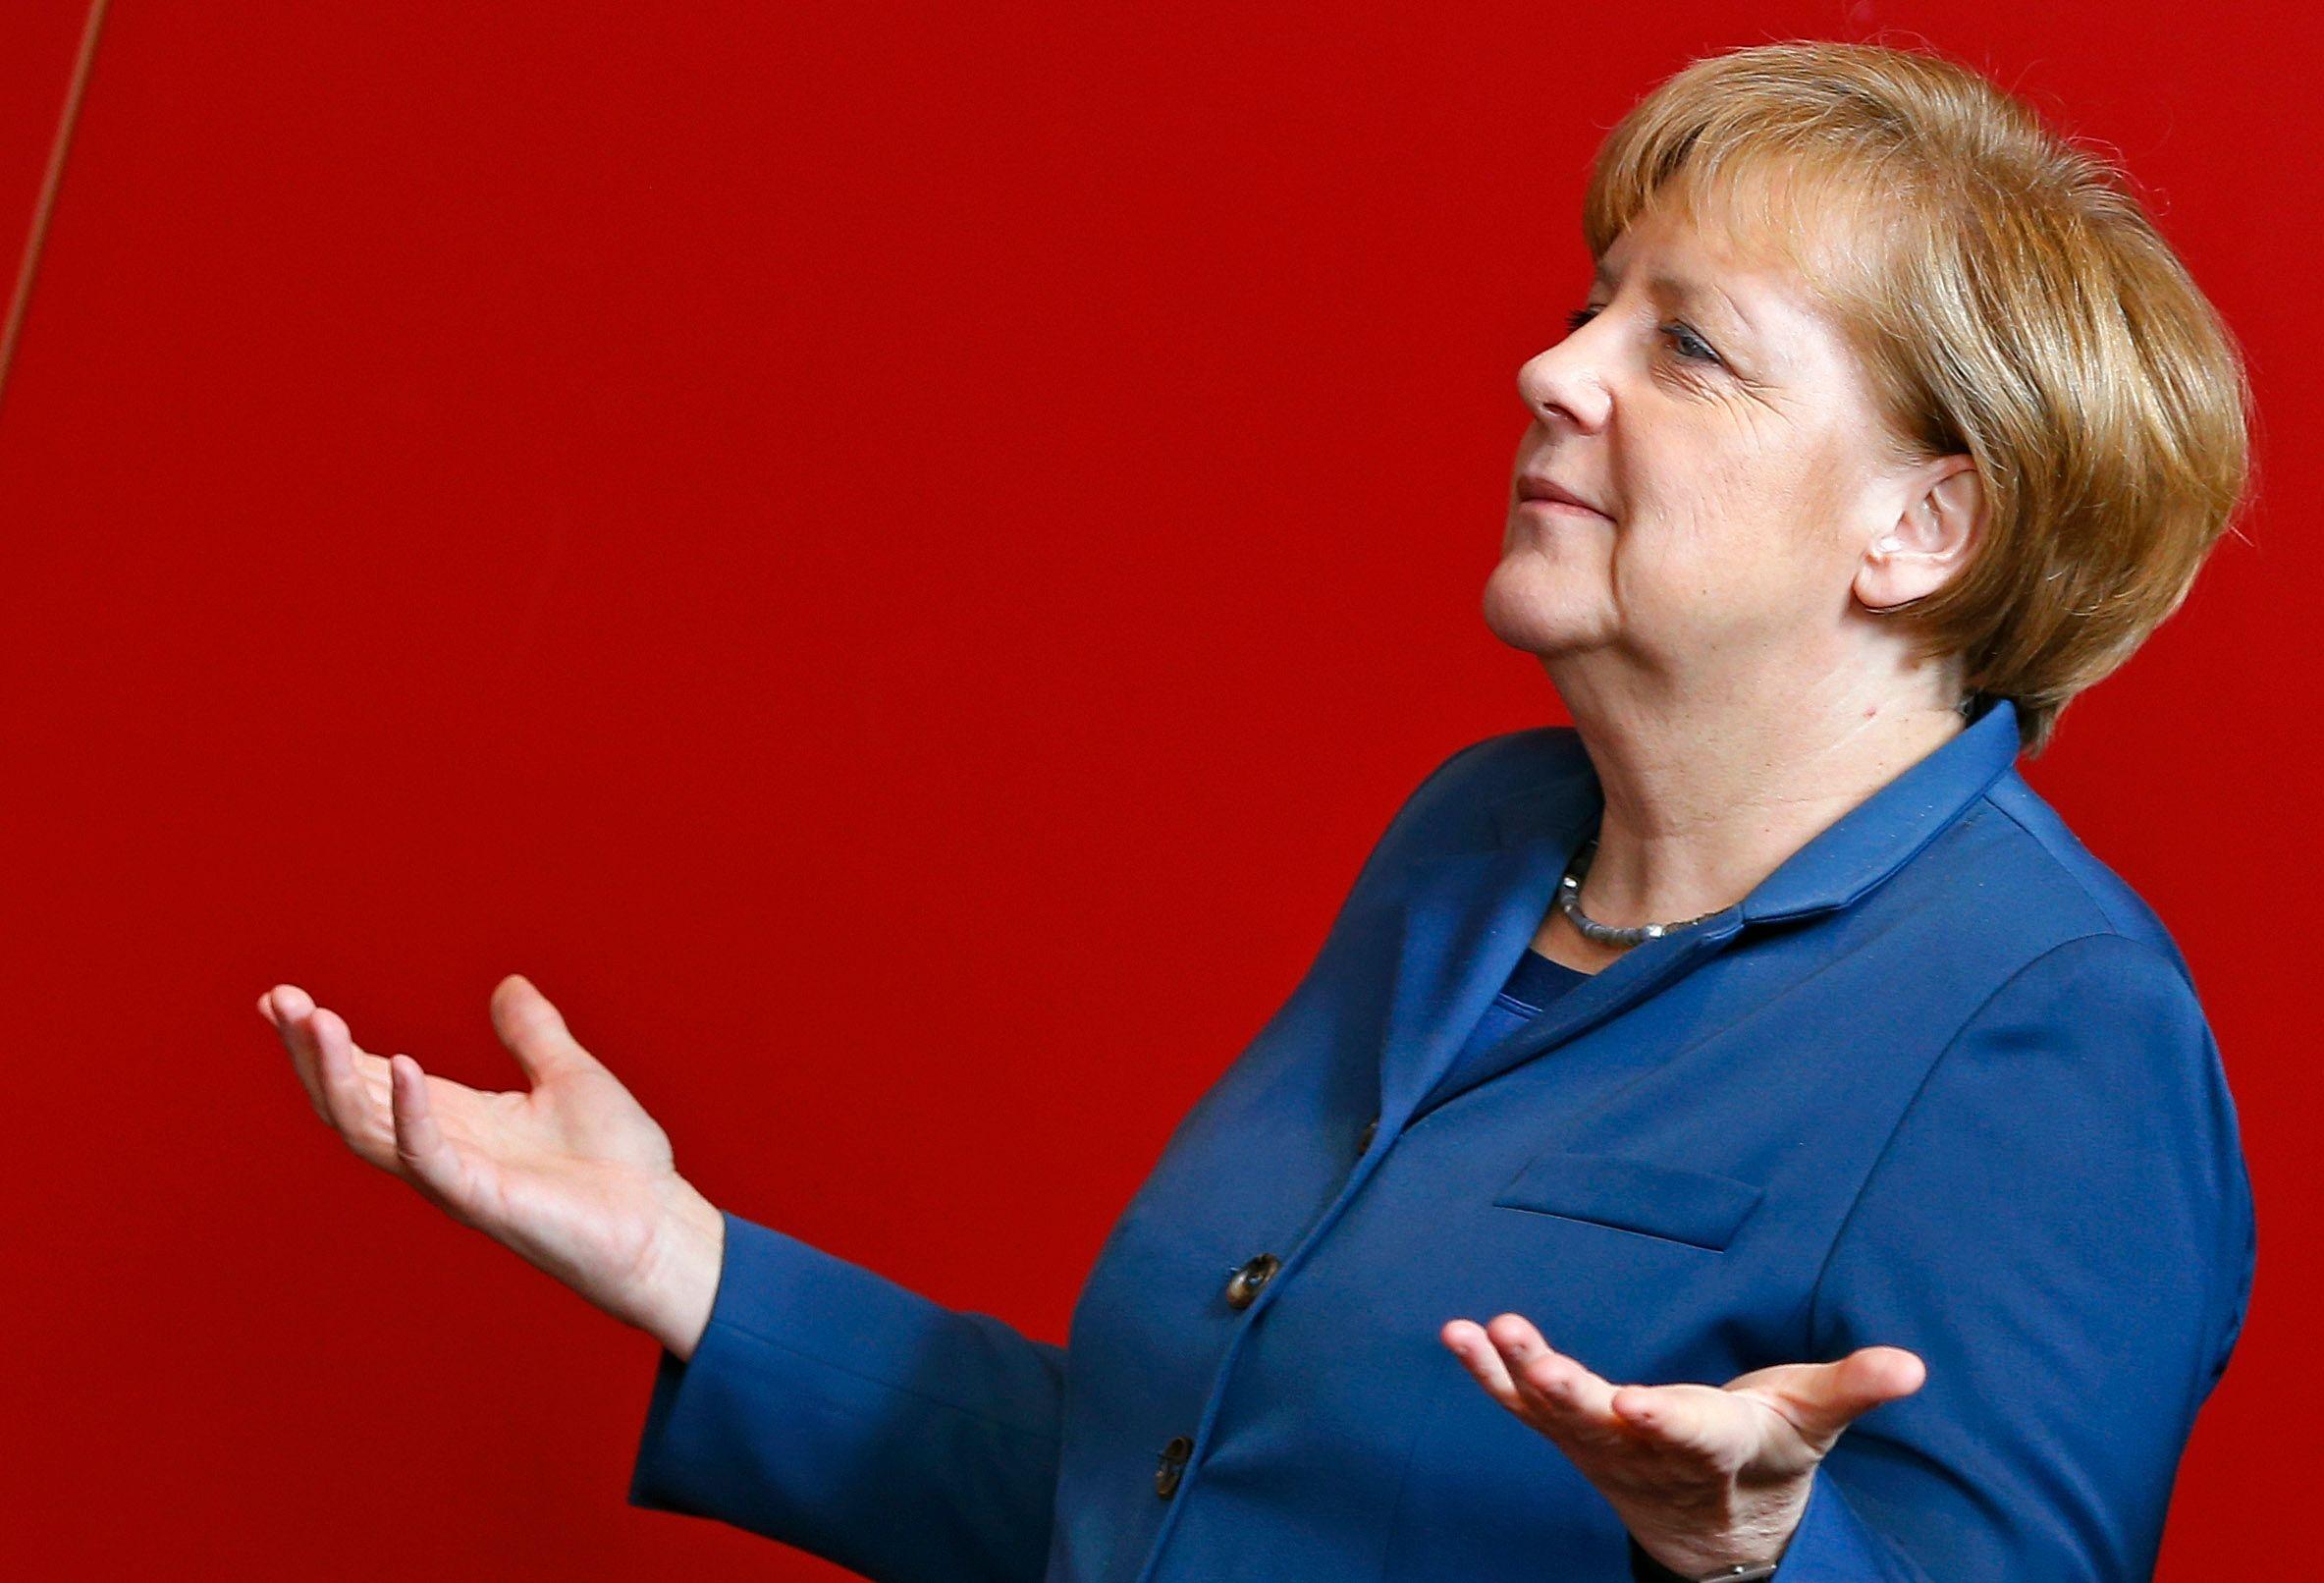 Les Allemands sont globalement très favorables à l'Union européenne.Photo : Angela Merkel.